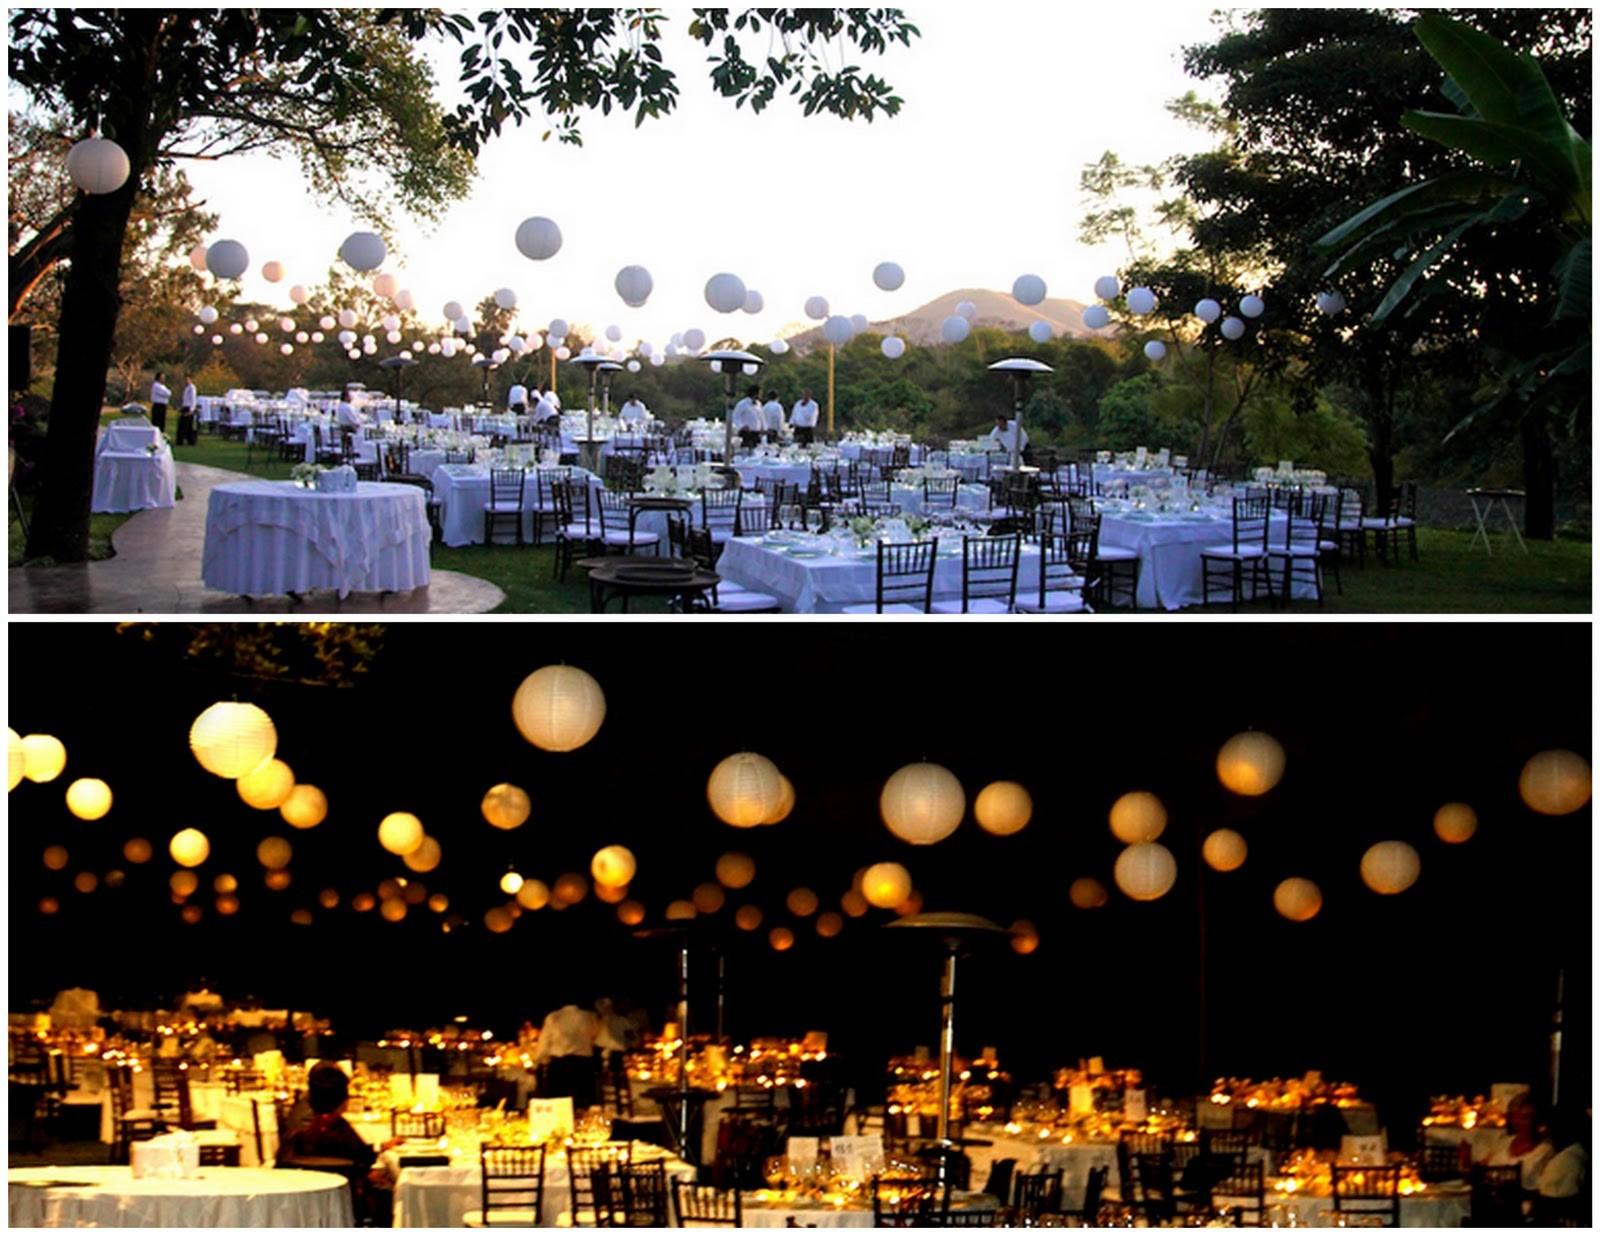 el flamante iluminacion jardines leds con motivo de bonito saca a la luz lo mejor de tu jardc2adn concepto para iluminacion jardines leds